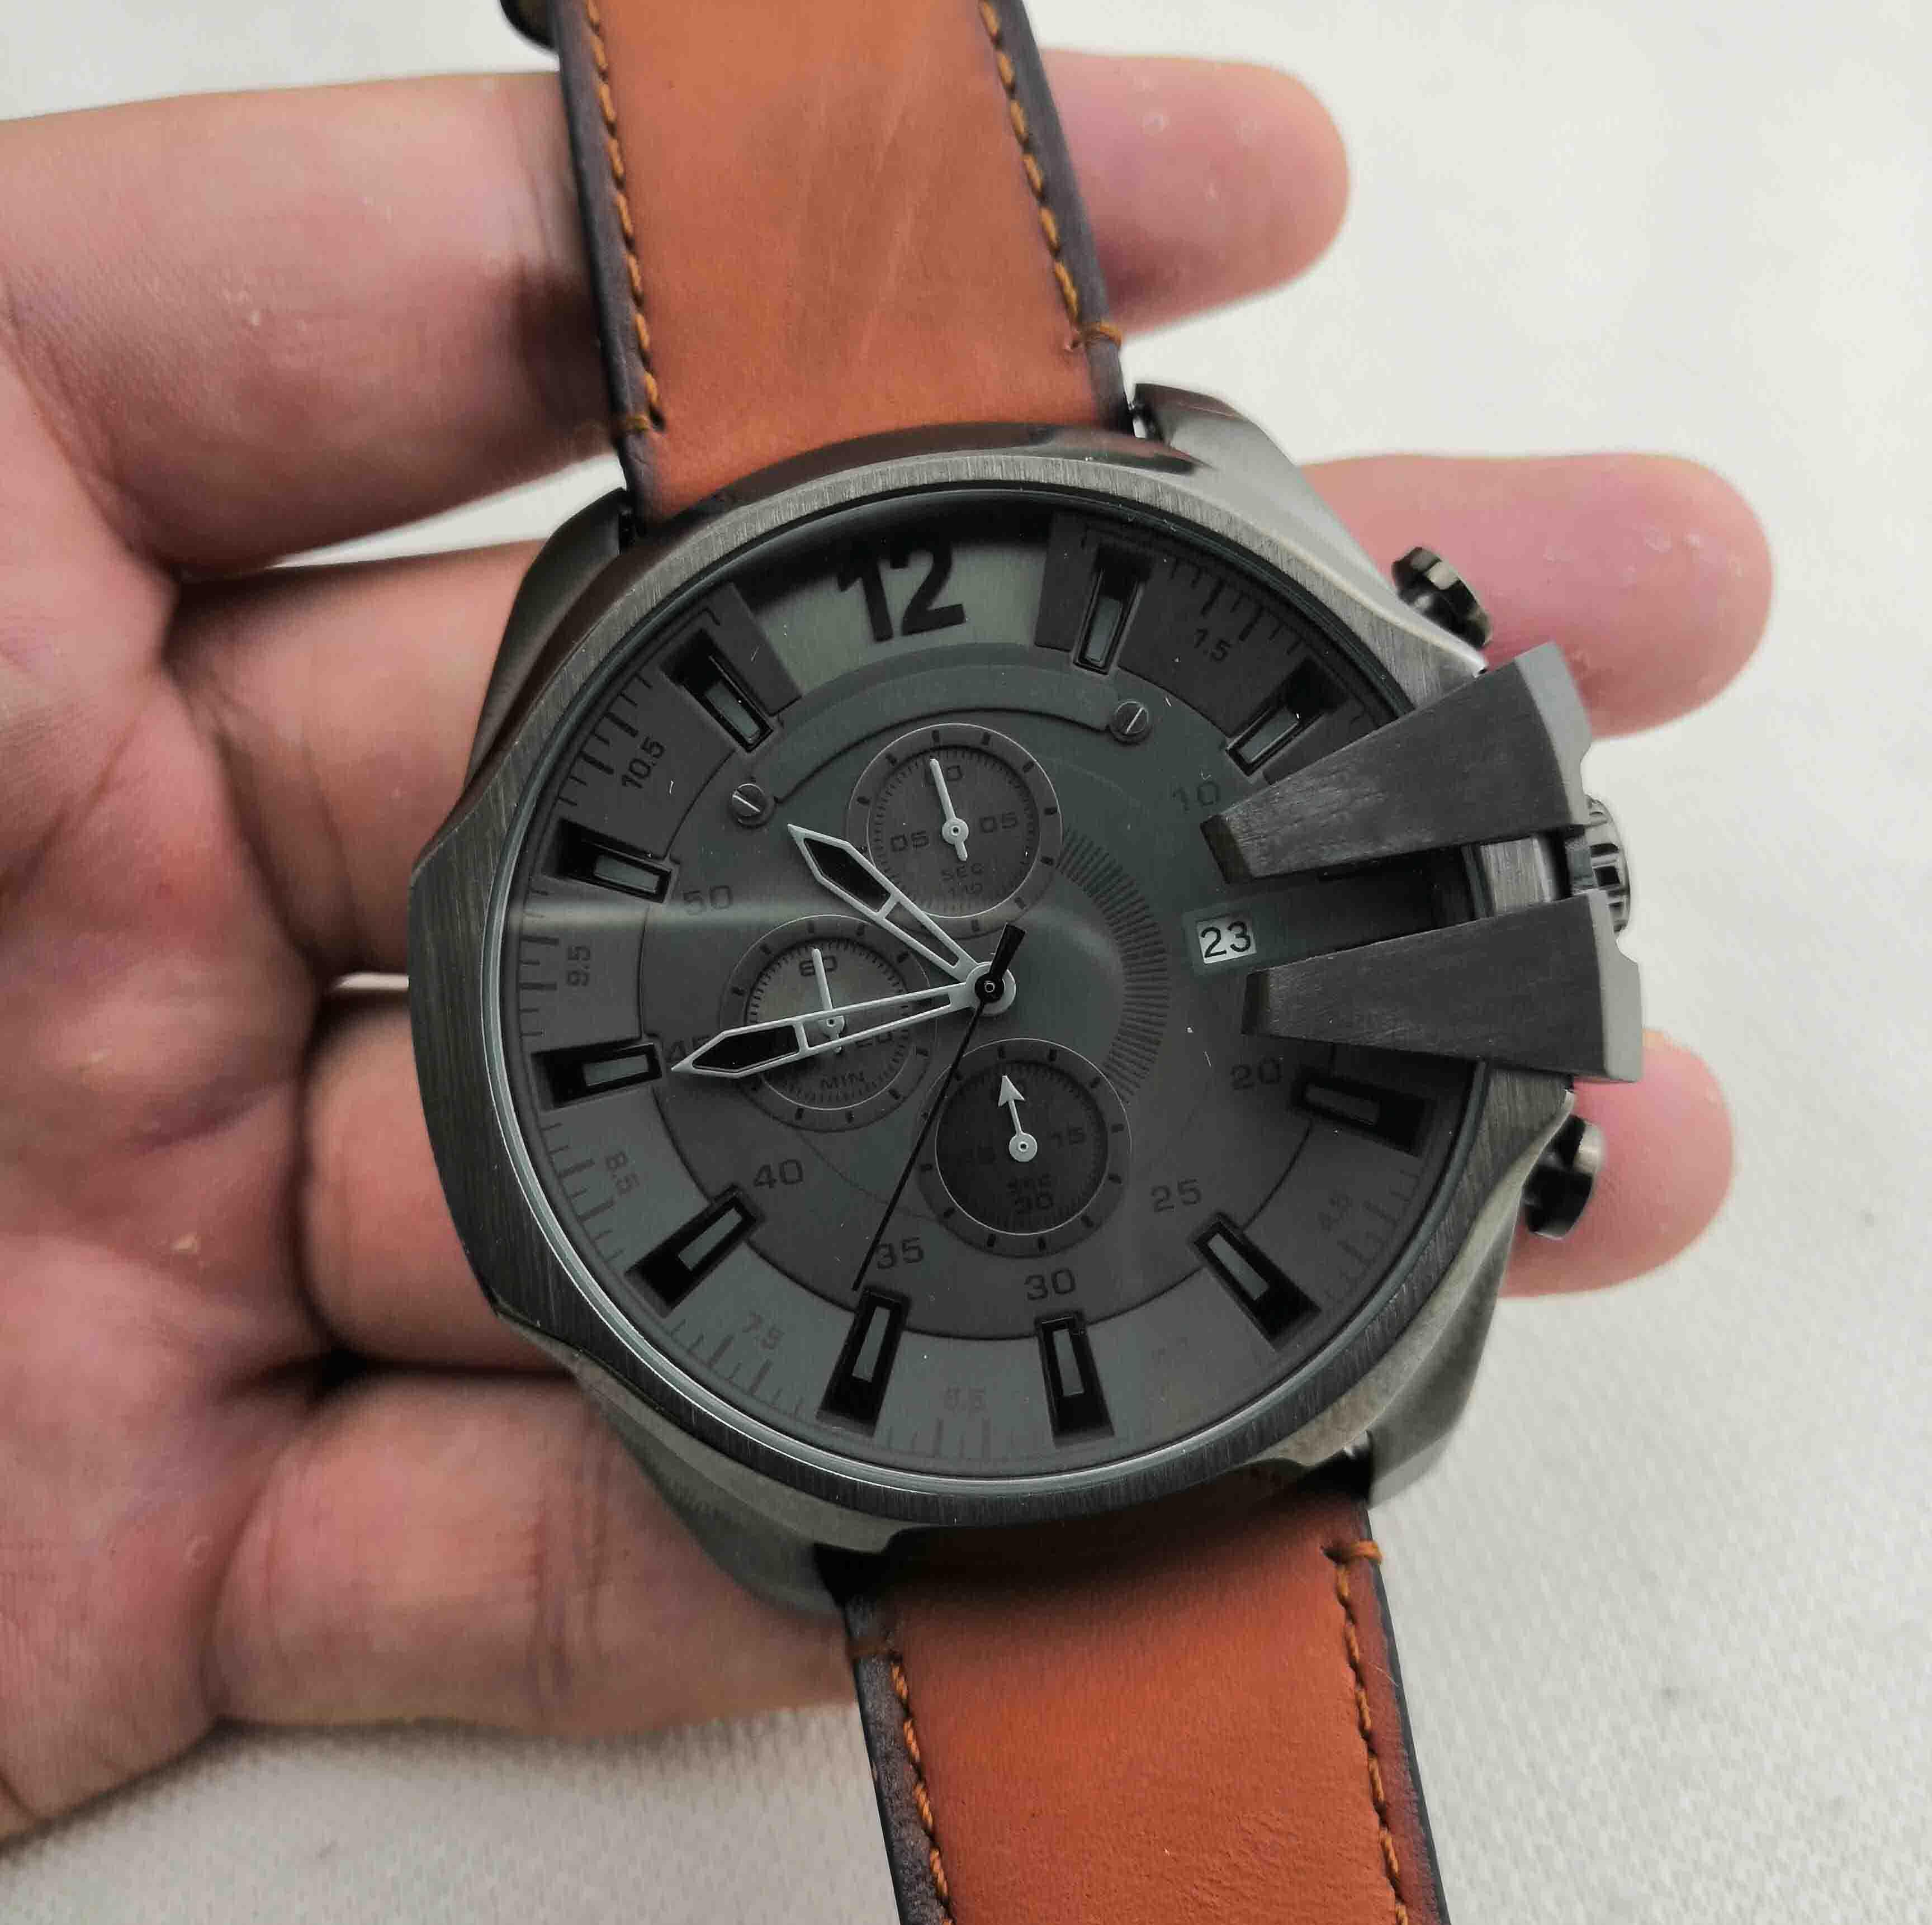 2021 سوبر الجودة الرياضية ووتش رجل ساعة اليد DZ4329 DZ4308 DZ4309 DZ4318 DZ4323 DZ4360 DZ4500 DZ4485 DZ4328 DZ4466